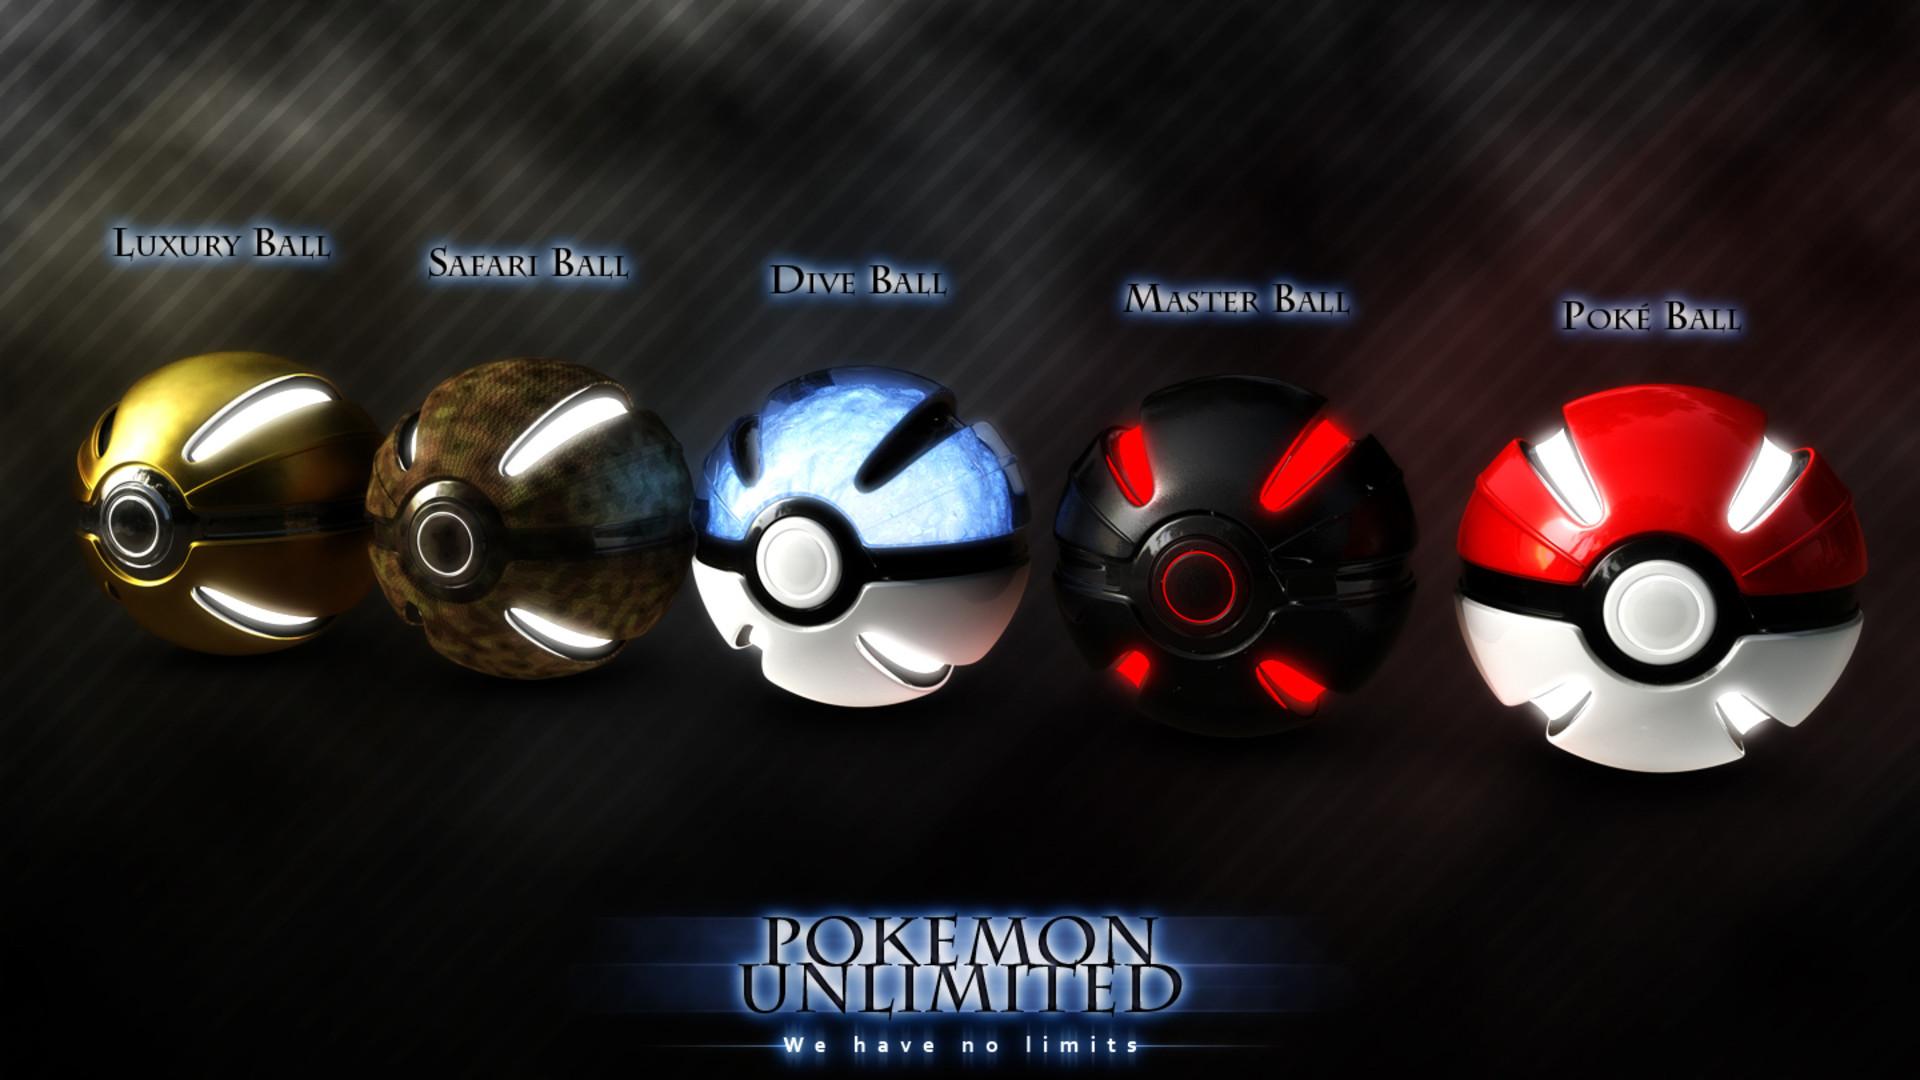 Res: 1920x1080, Hd Wallpaper Of Legendary Pokemon Ball Desktop Full Pics For Androids